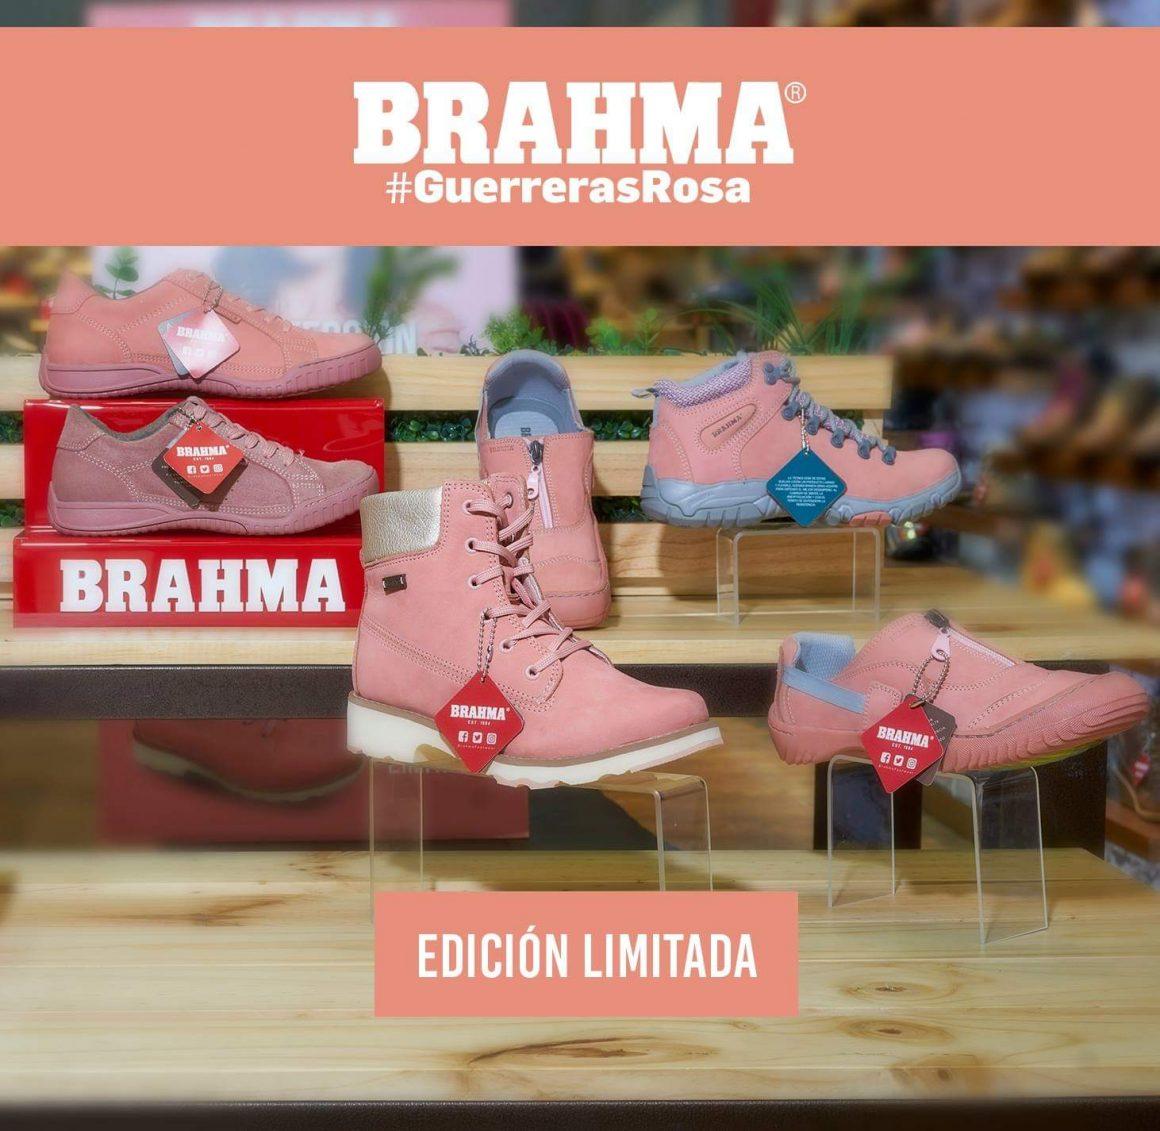 Brahma Guerrera Rosa – Spring Step